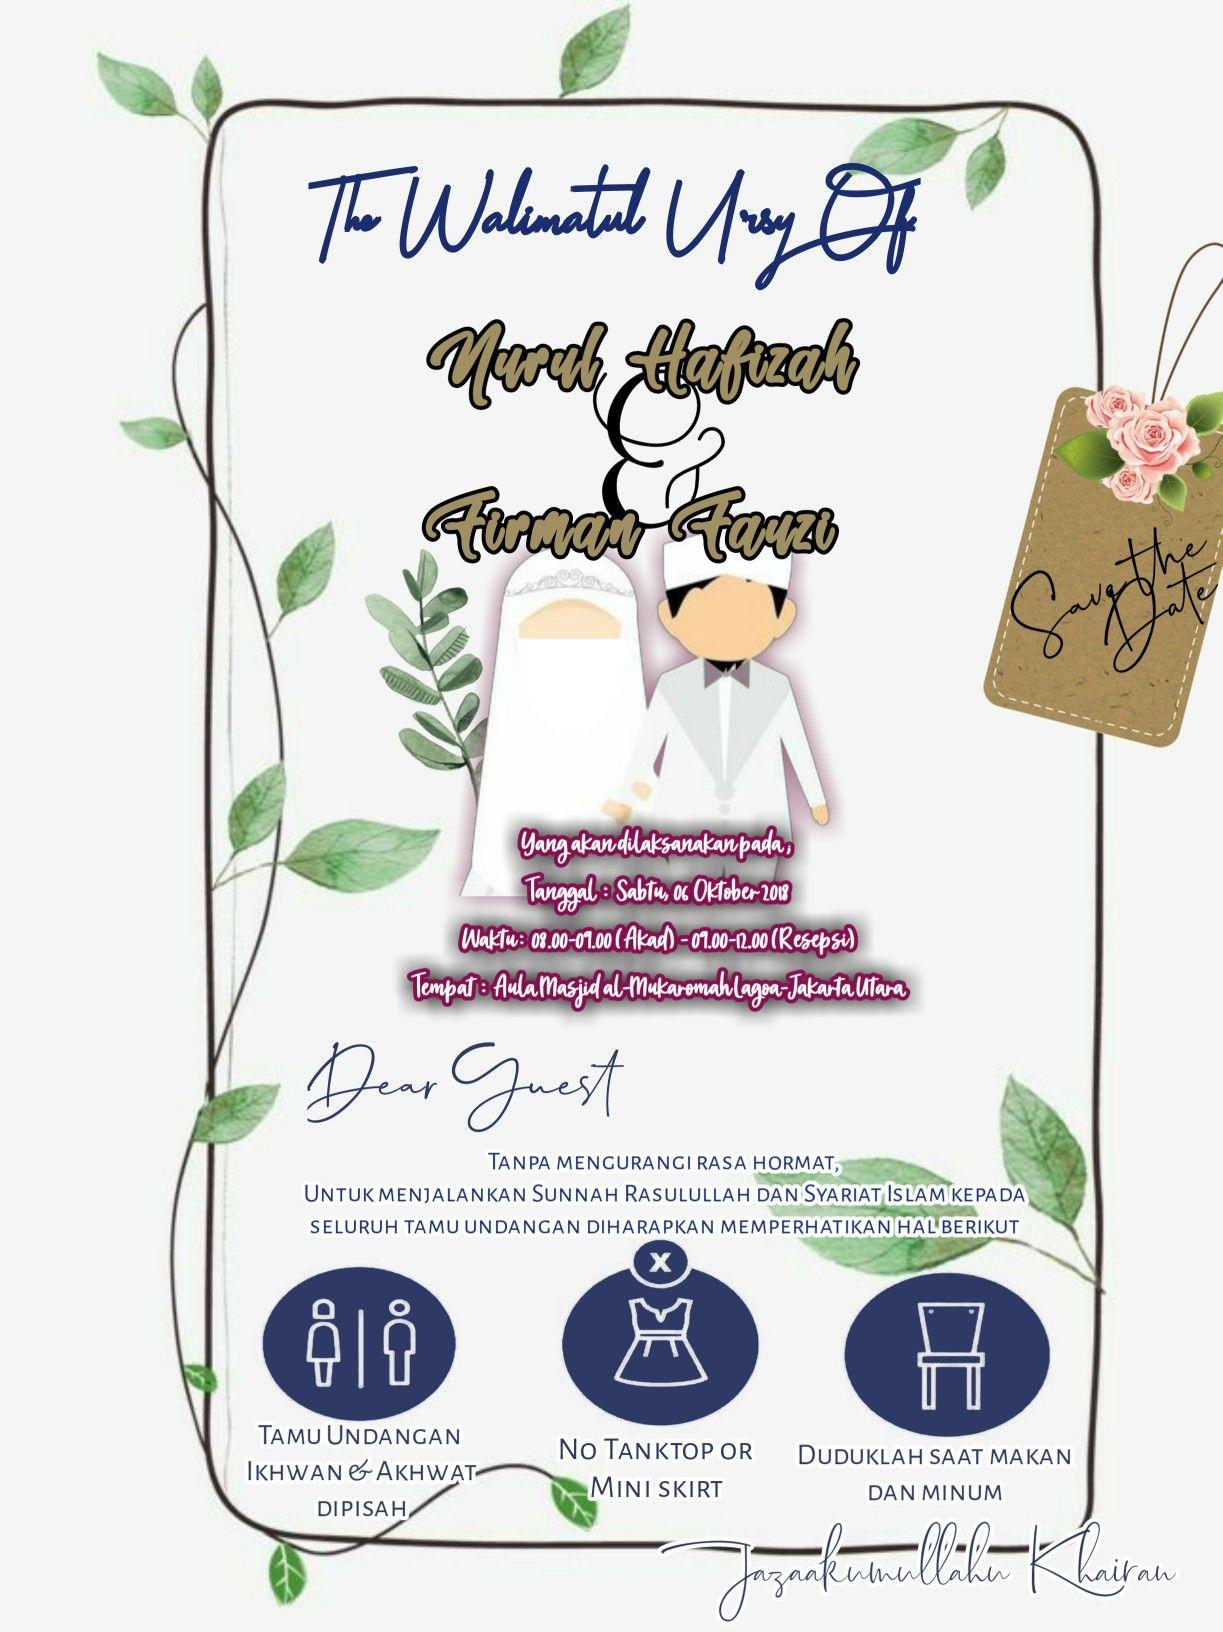 Pin Oleh Letshuzaifah Designstore Di Undangan Digital Undangan Pernikahan Lucu Undangan Pernikahan Kartu Undangan Pernikahan